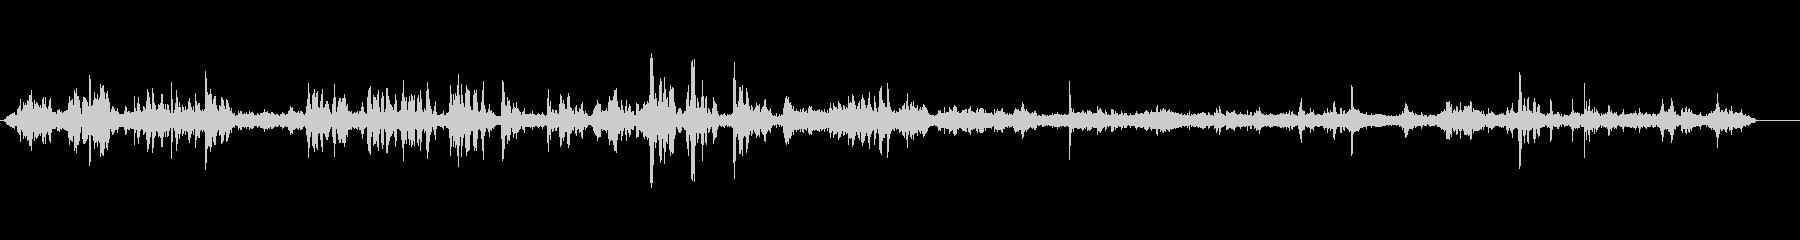 せせらぎの声の未再生の波形